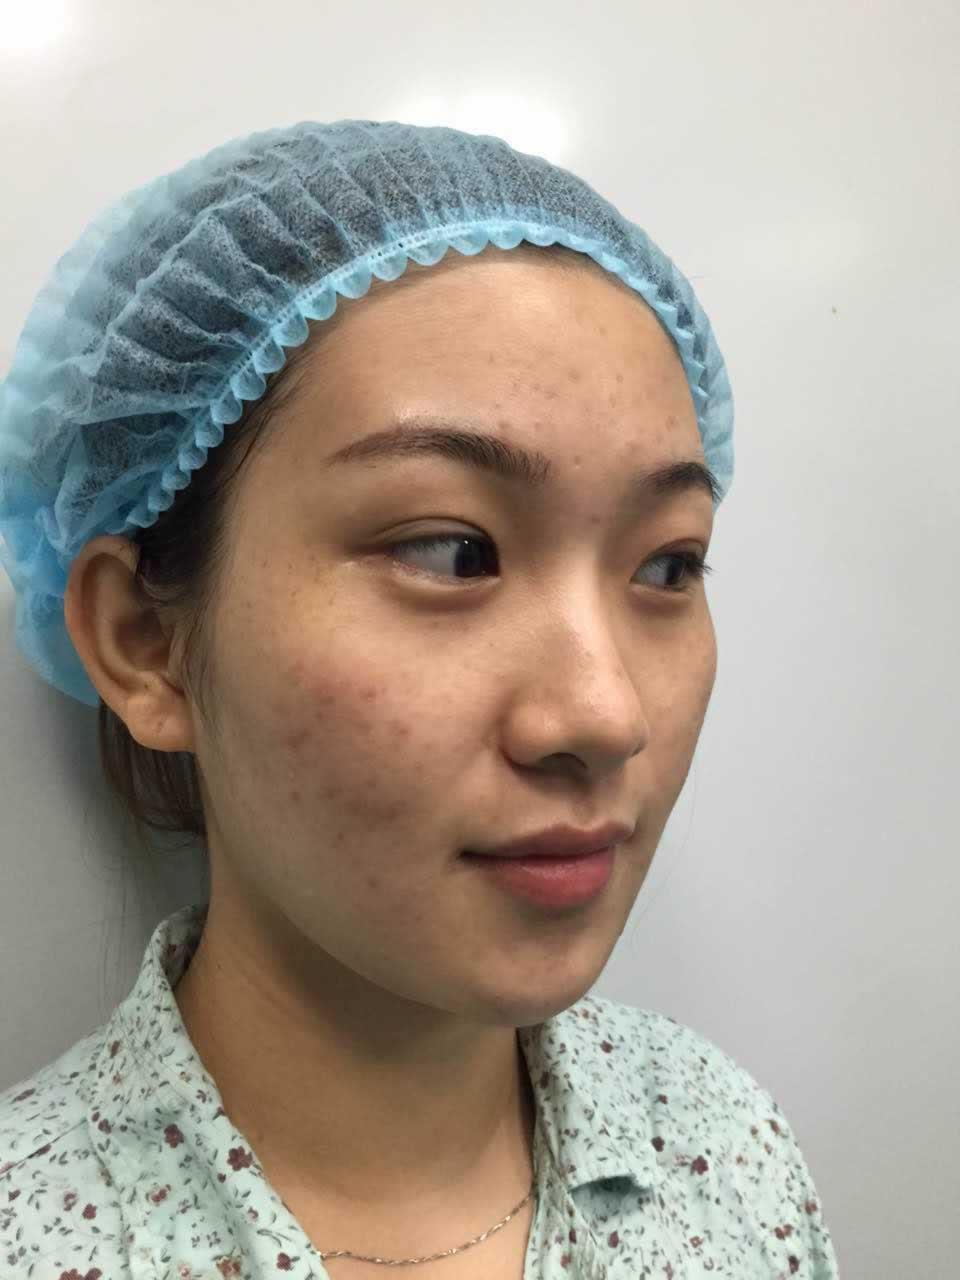 眼袋怎么去除—眼袋修复术靠谱吗?看起来特别的显老